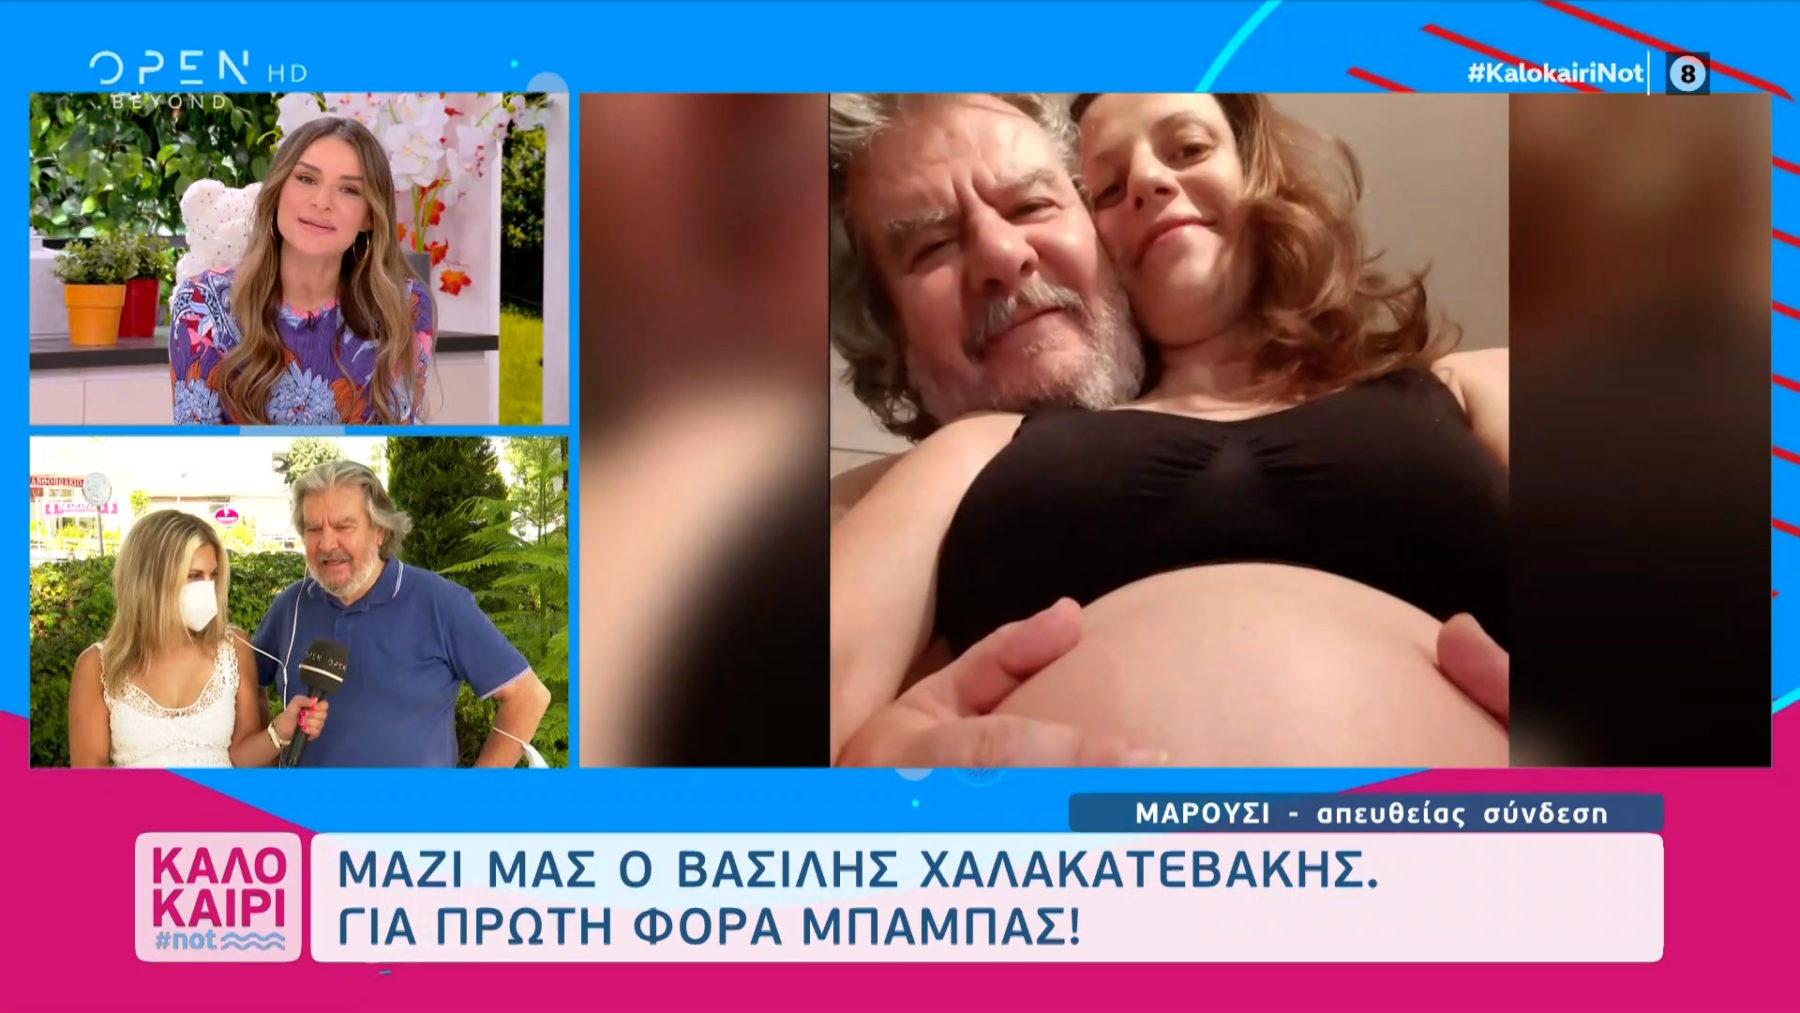 Βασίλης Χαλακατεβάκης: «Στους ρόλους είμαι 30 χρόνια πατέρας - Έχω εξοικειωθεί με τη λέξη πατέρας»